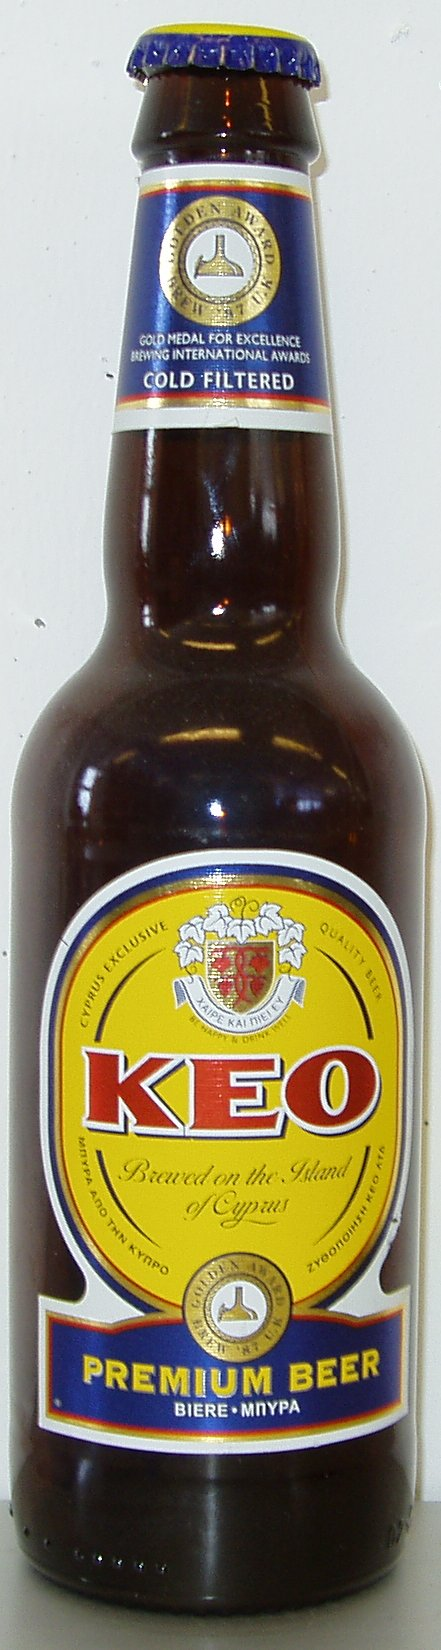 Beer Labels: Cyprus